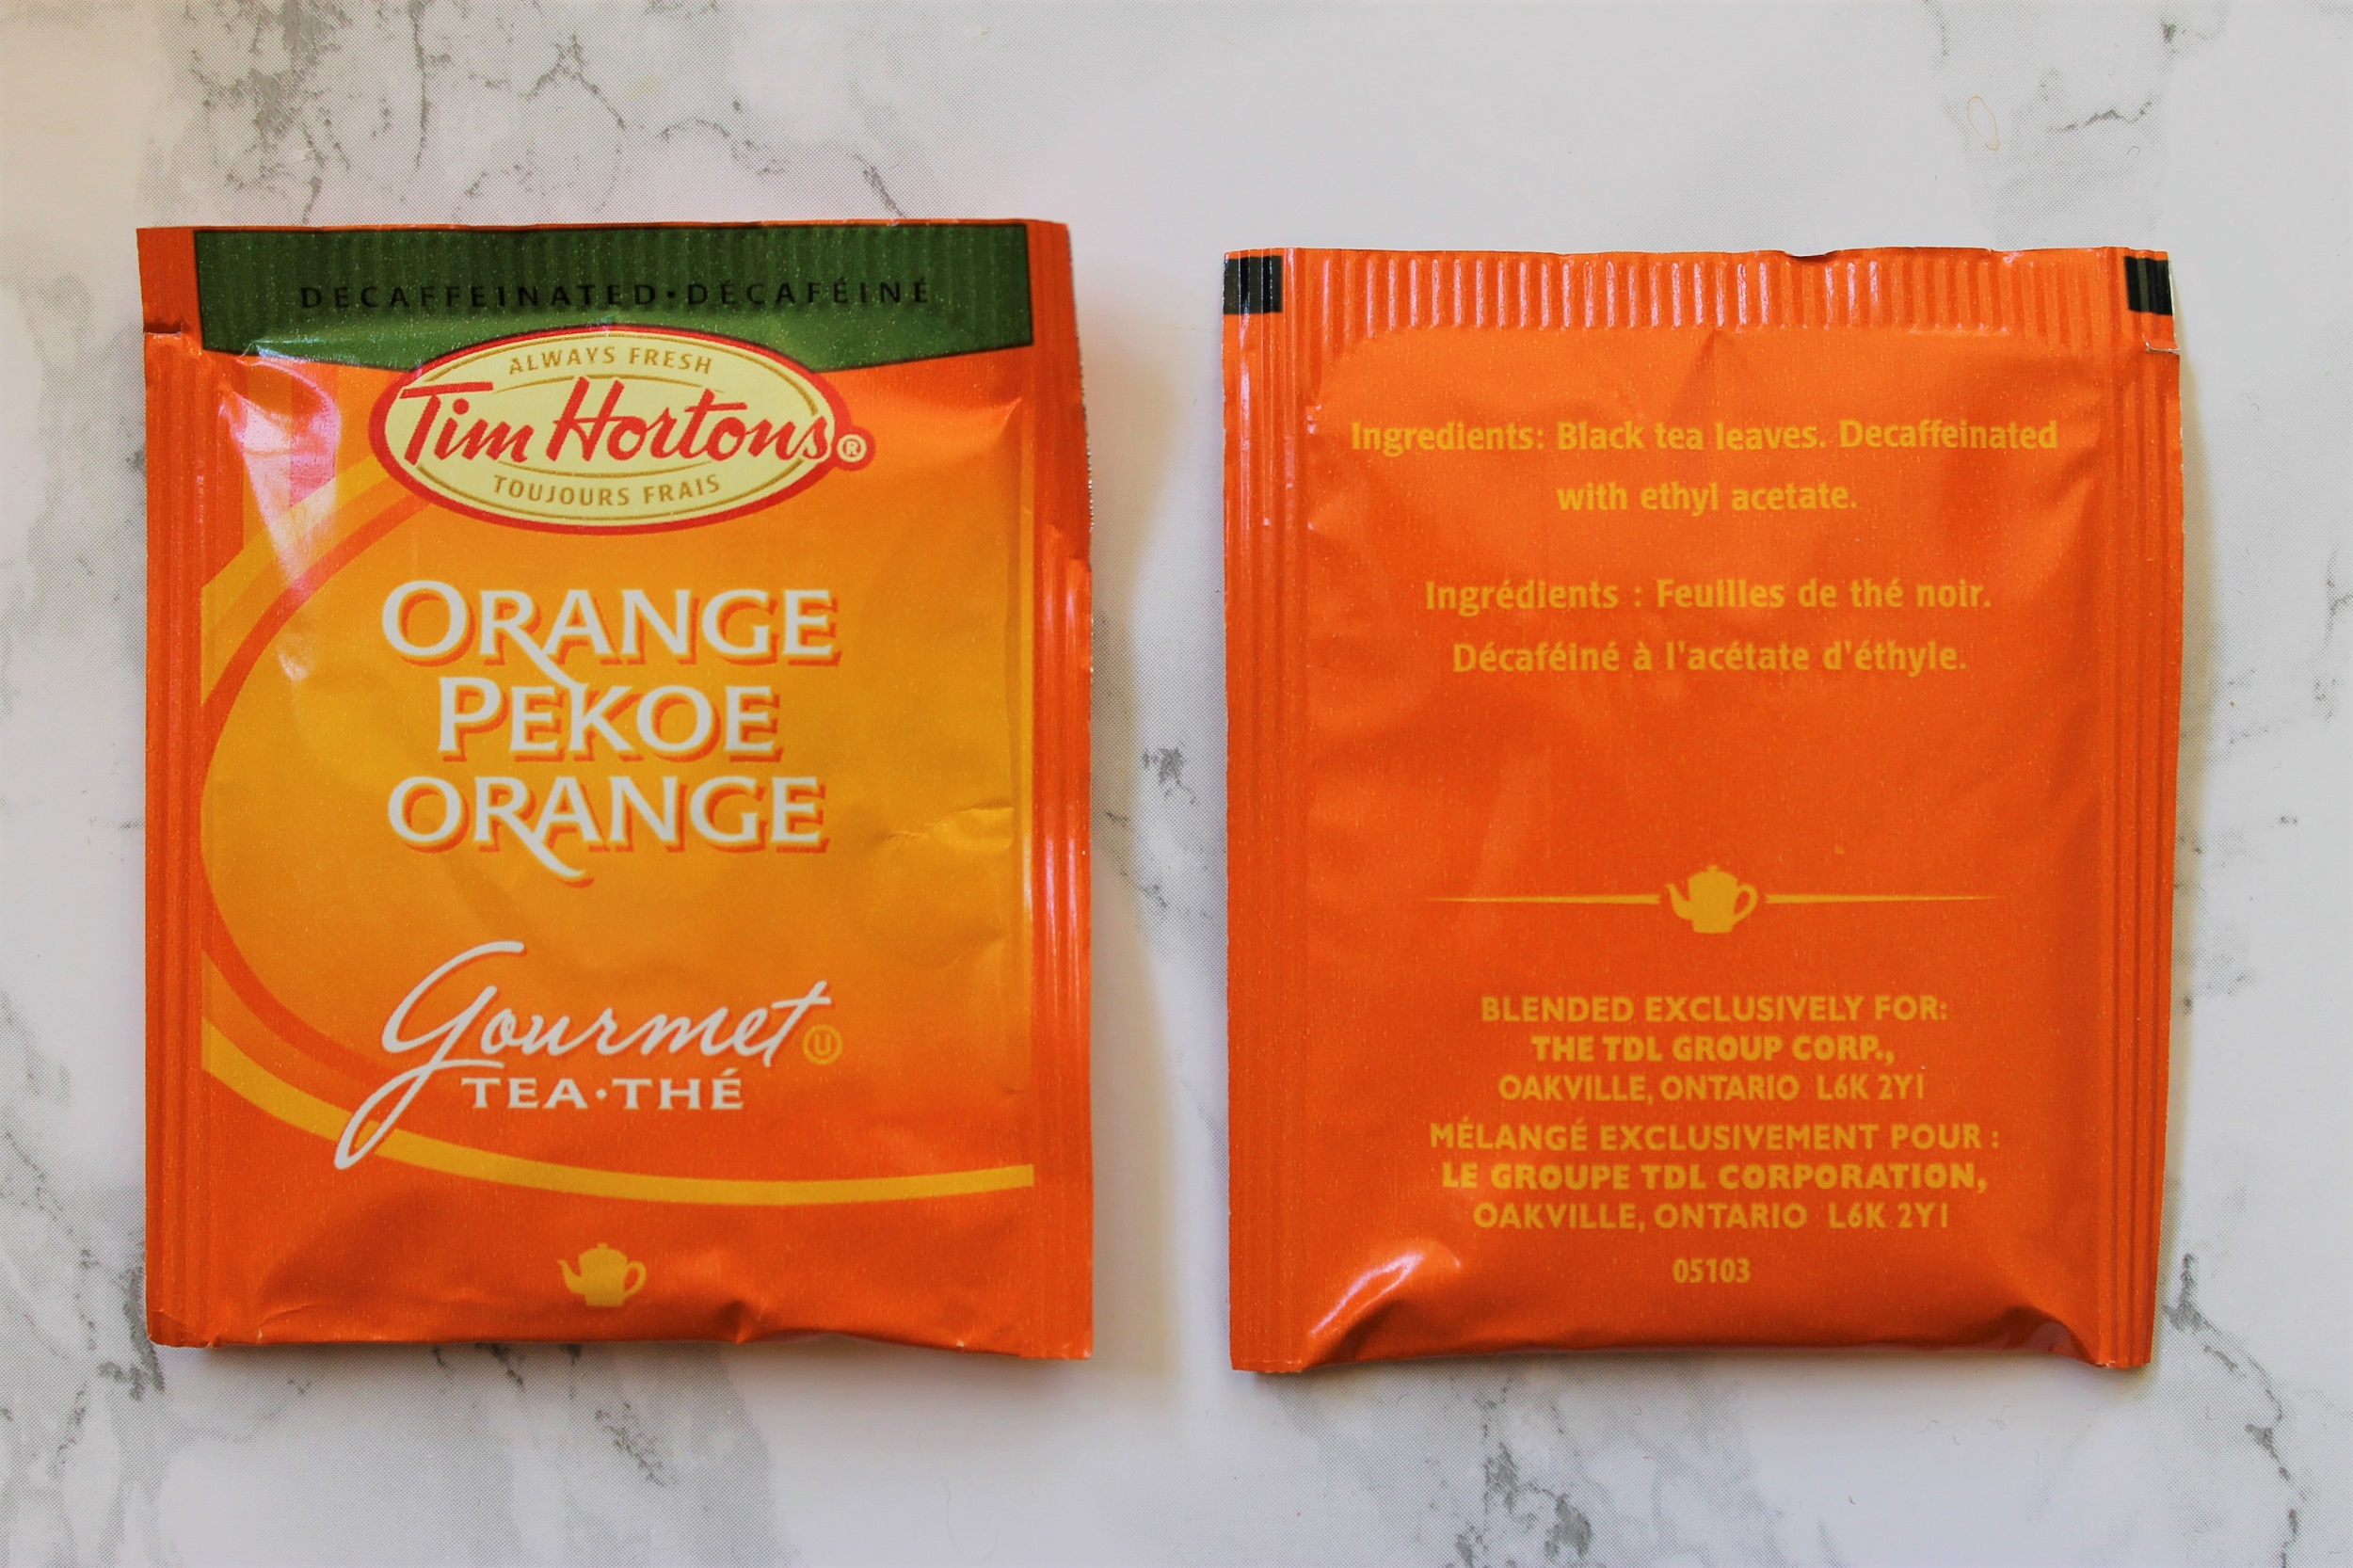 tim hortons orange pekoe teabags